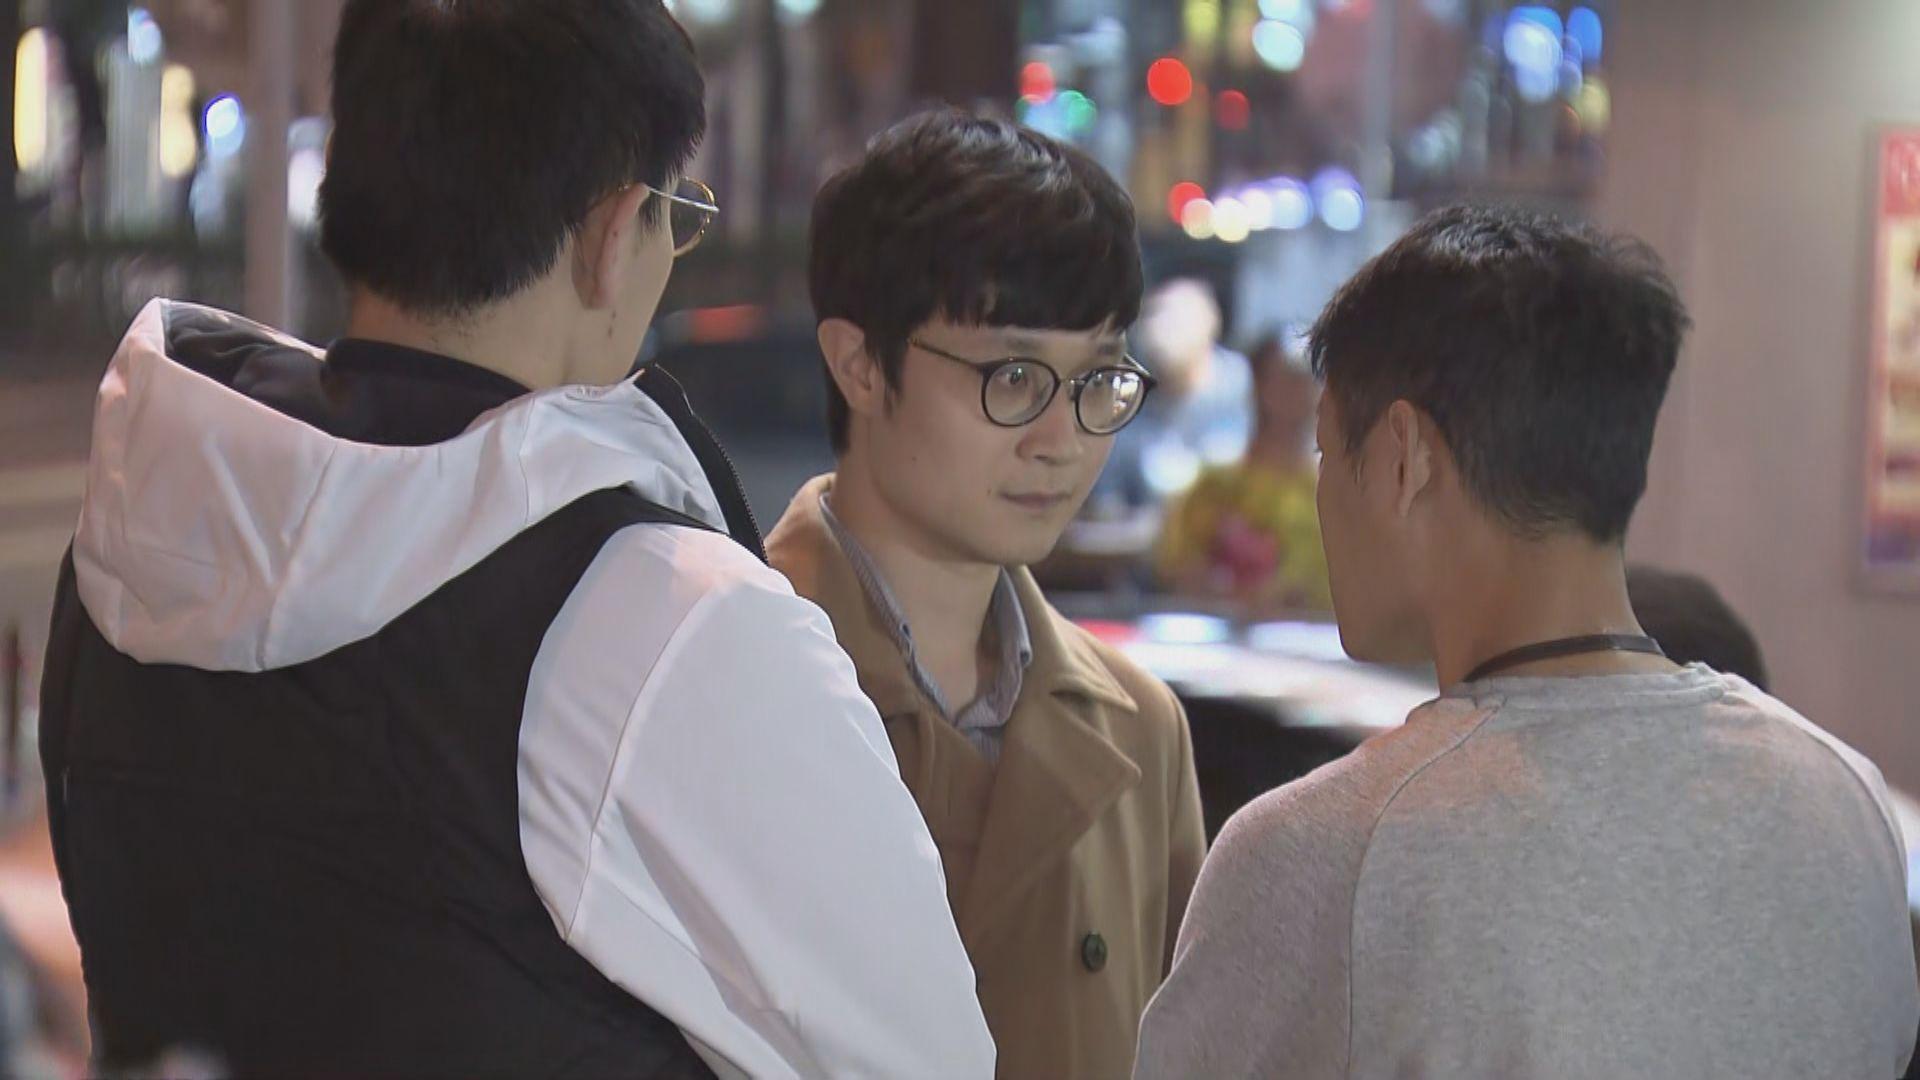 劉頴匡被控拒服警令及煽惑集結 四月再審准保釋